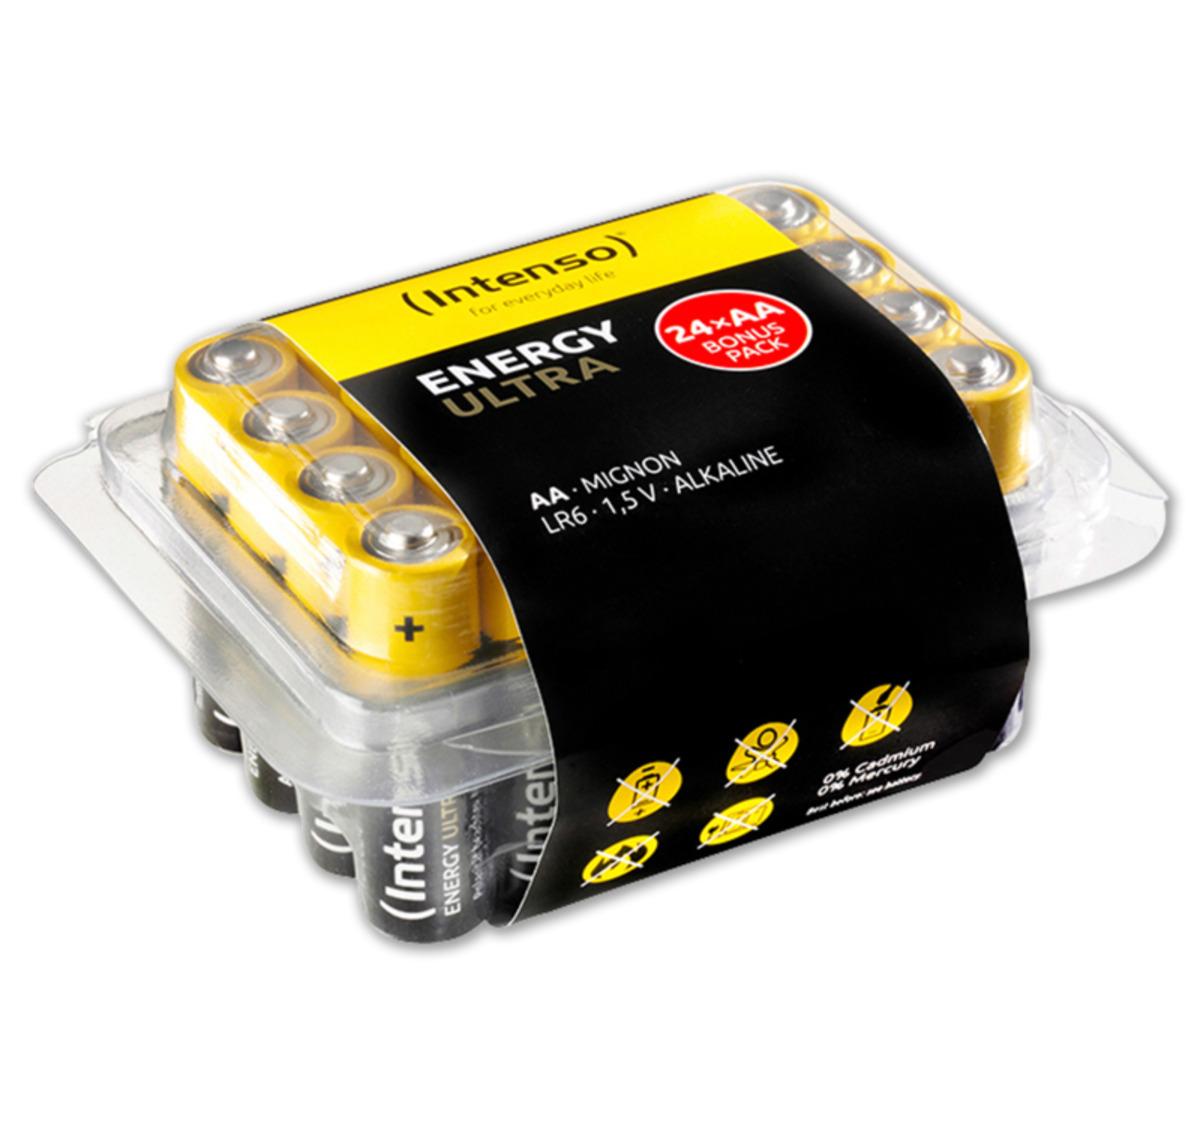 Bild 3 von INTENSO Batterien Energy Ultra